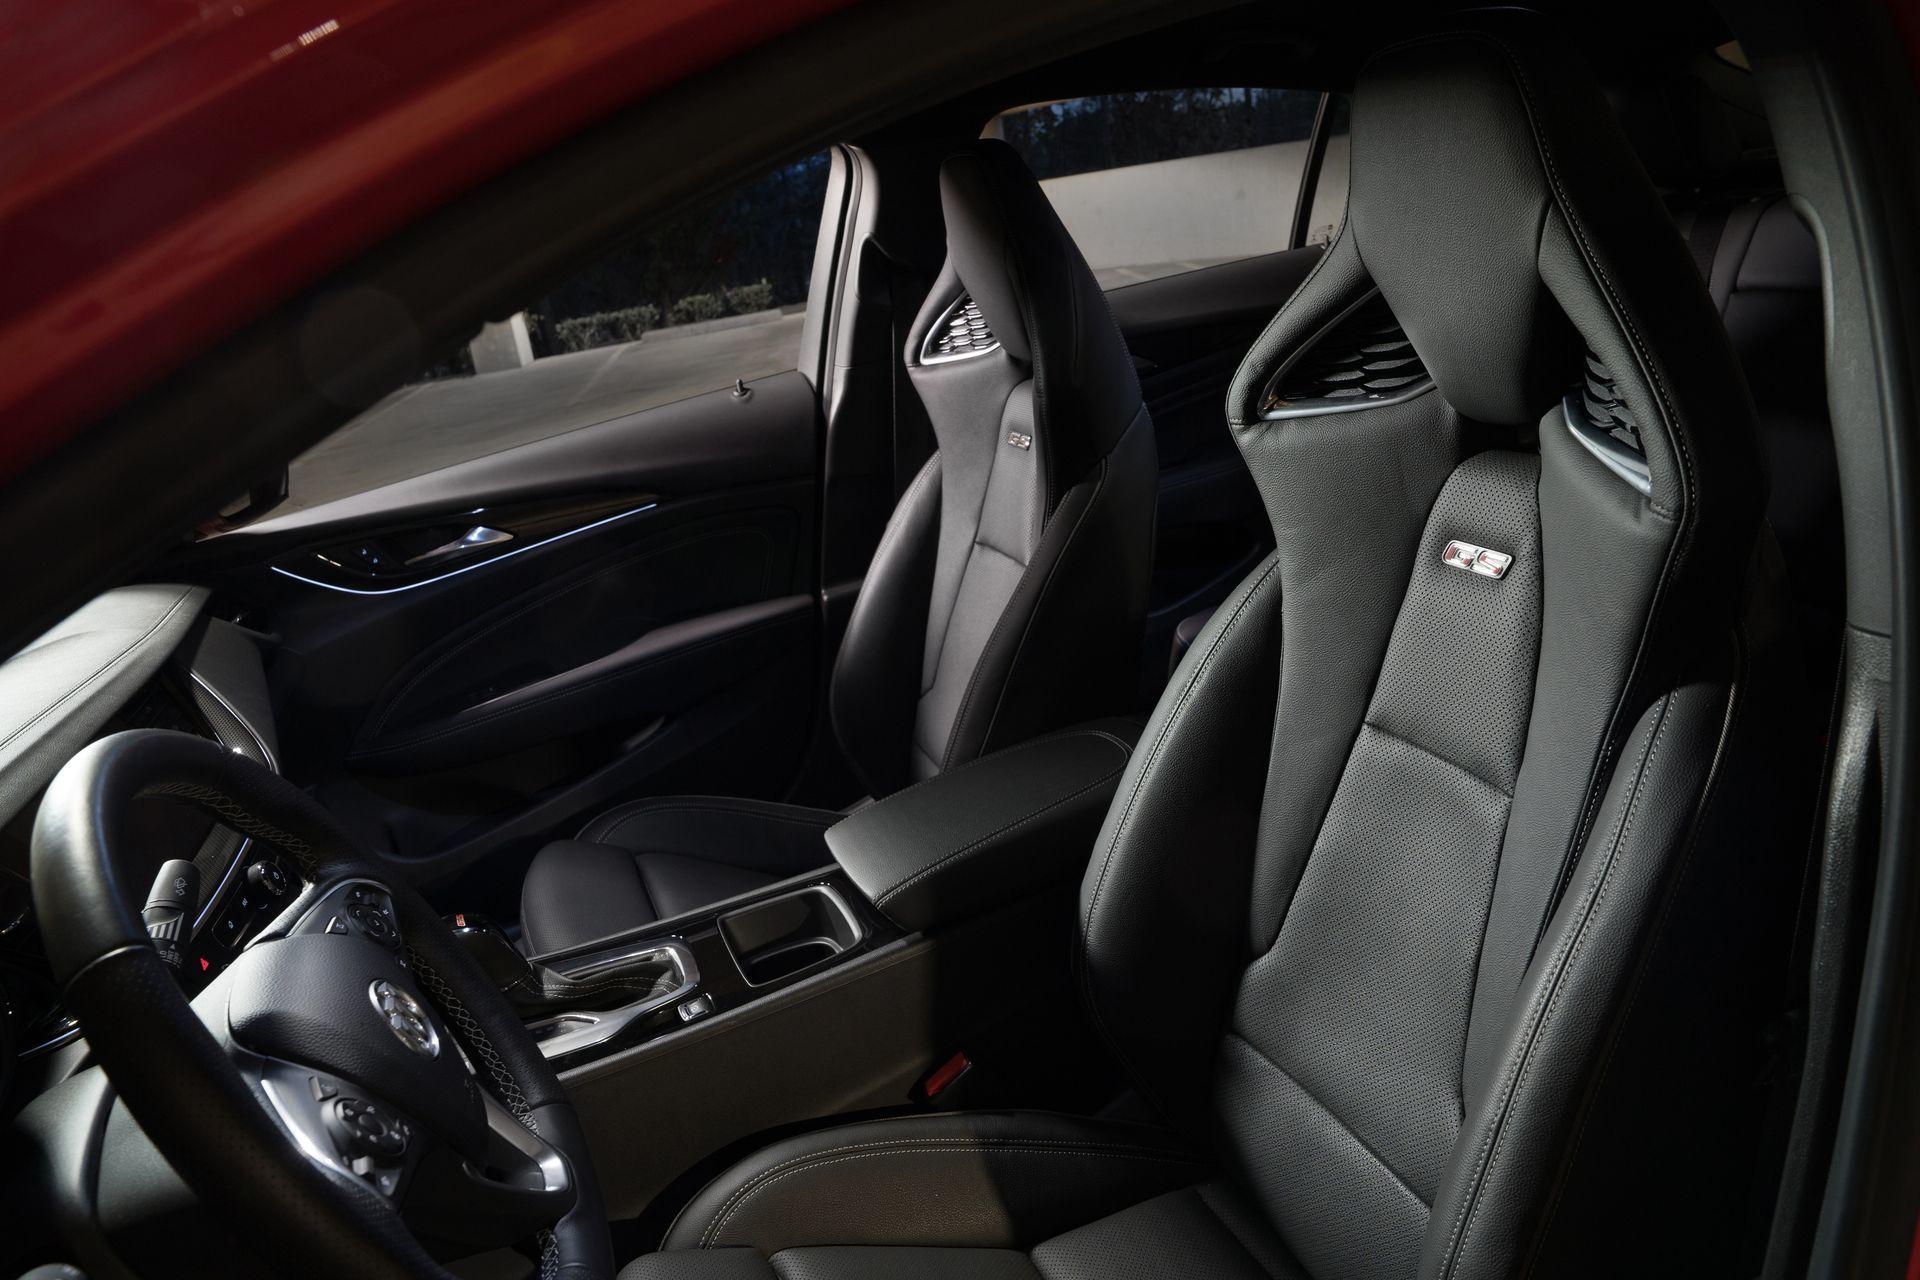 Opel Insignia V6 3